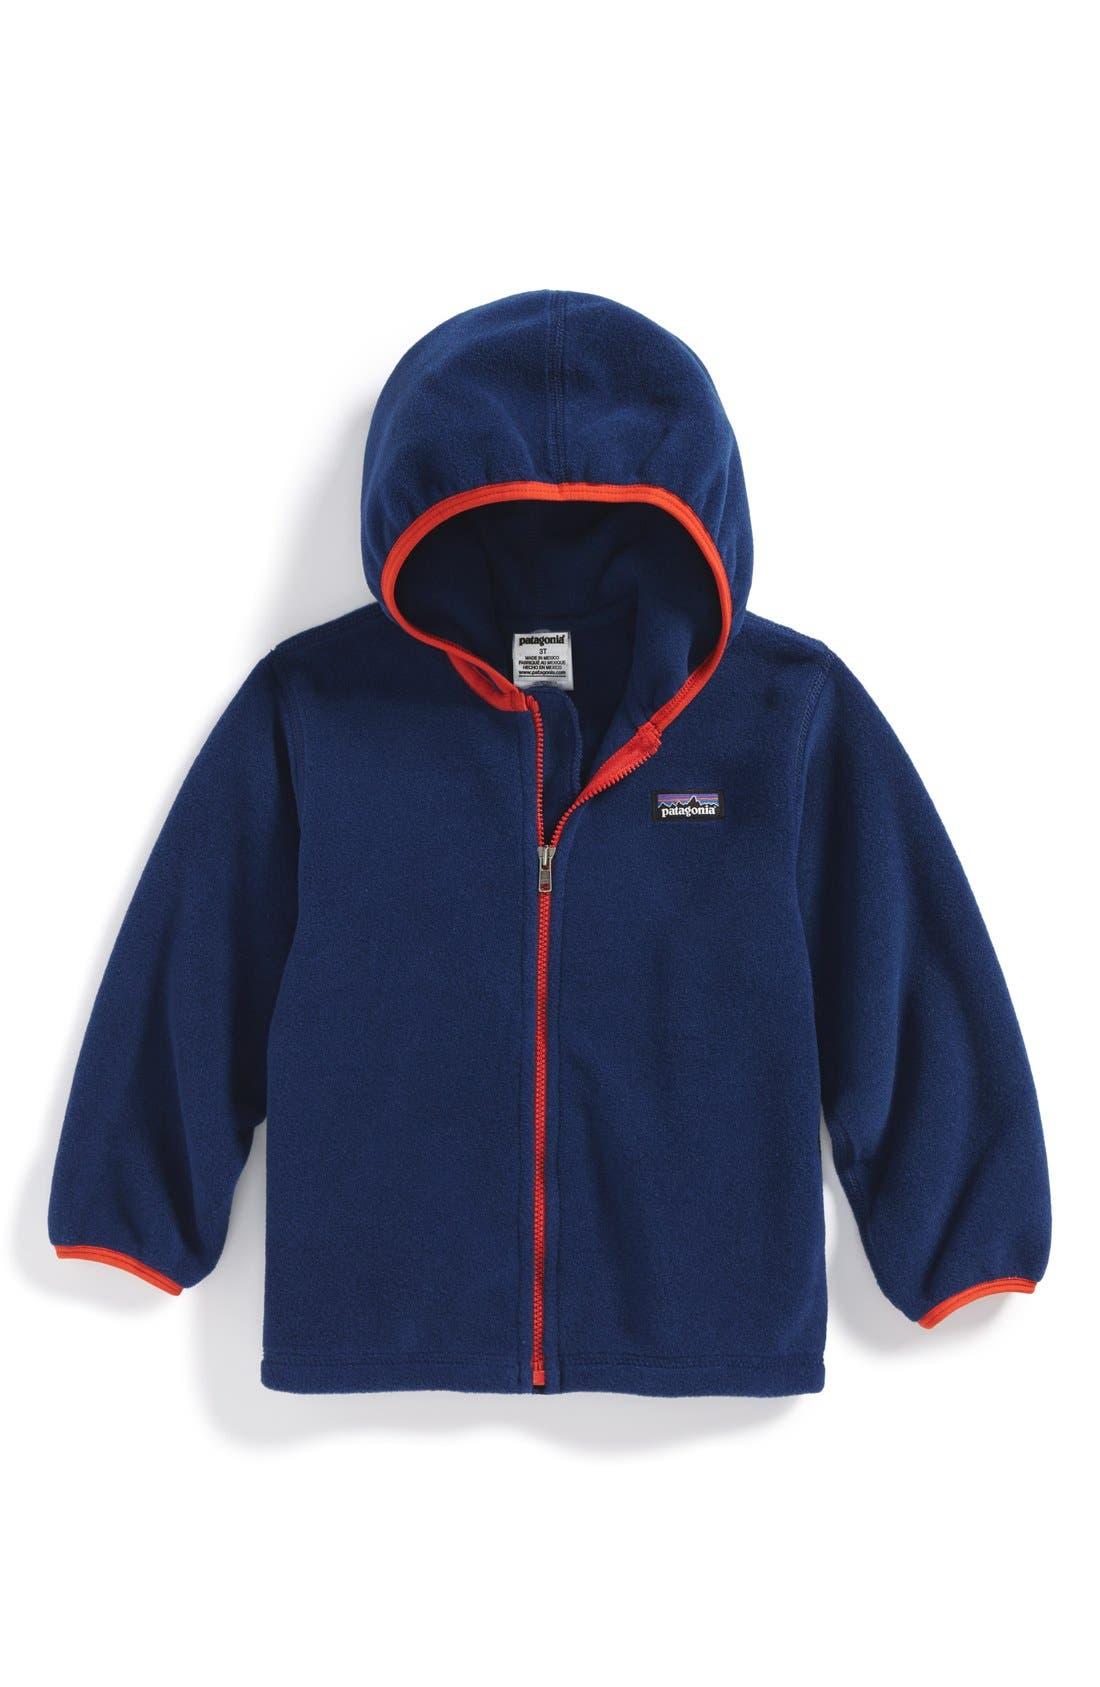 Main Image - Patagonia 'Synchilla®' Cardigan (Toddler)